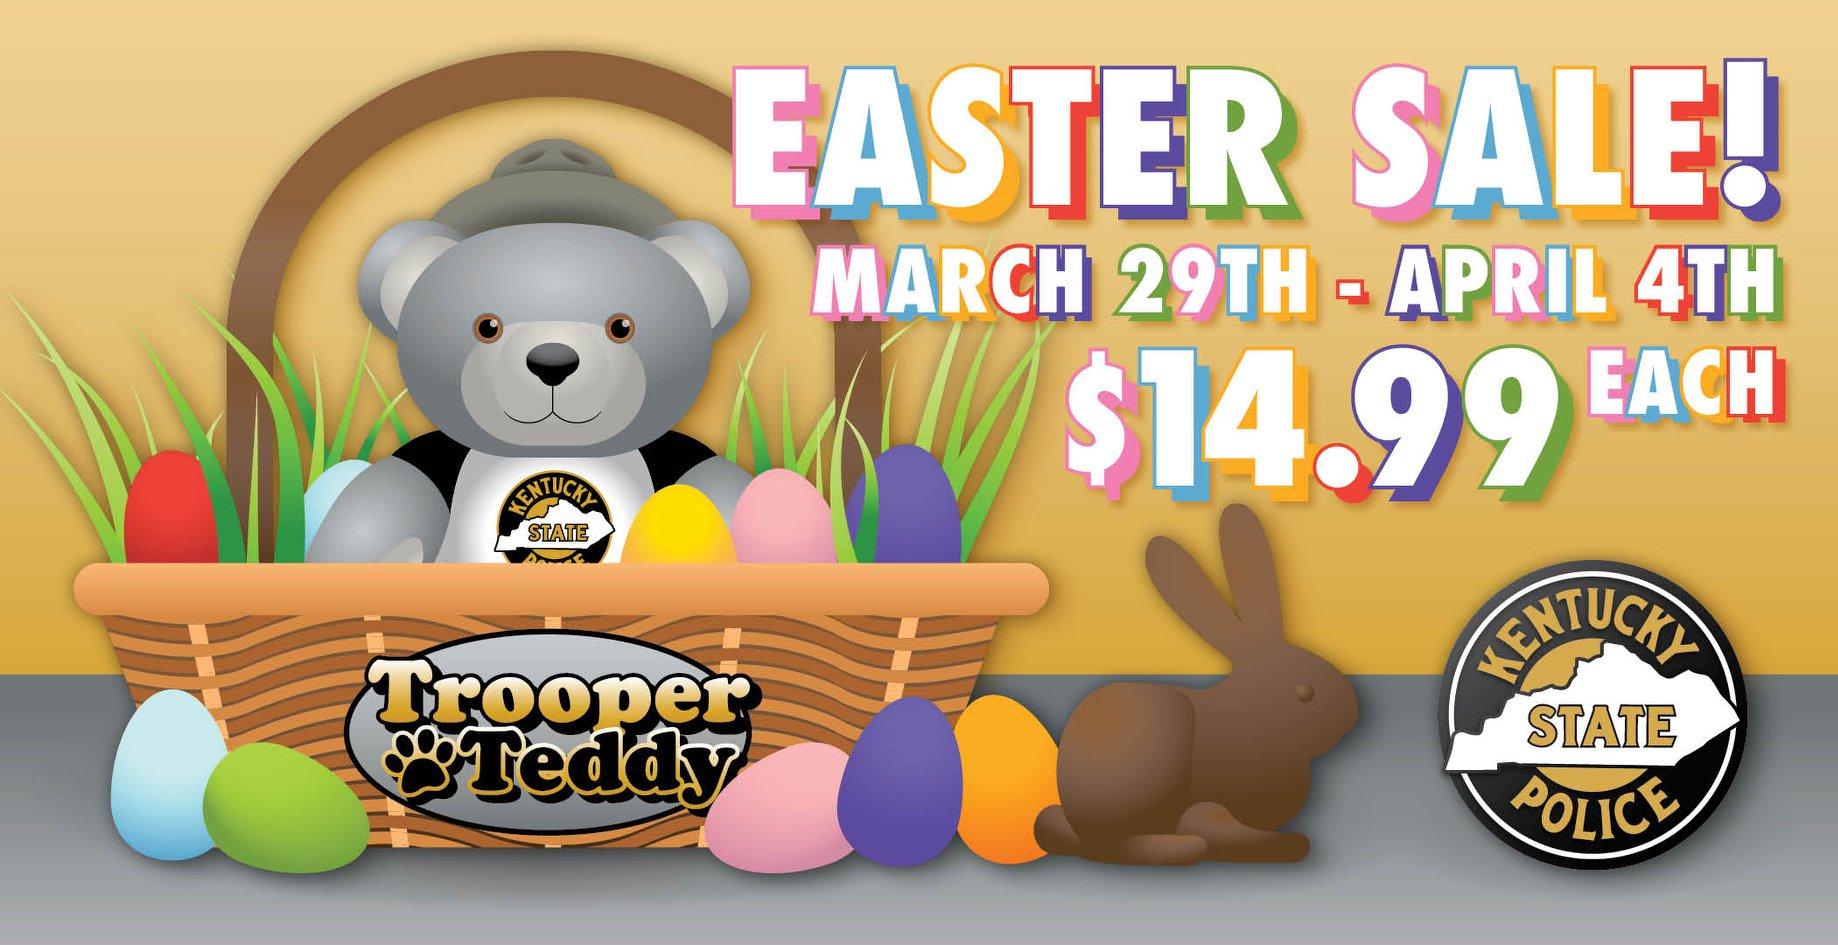 KSP offering Trooper Teddy Bears for Easter